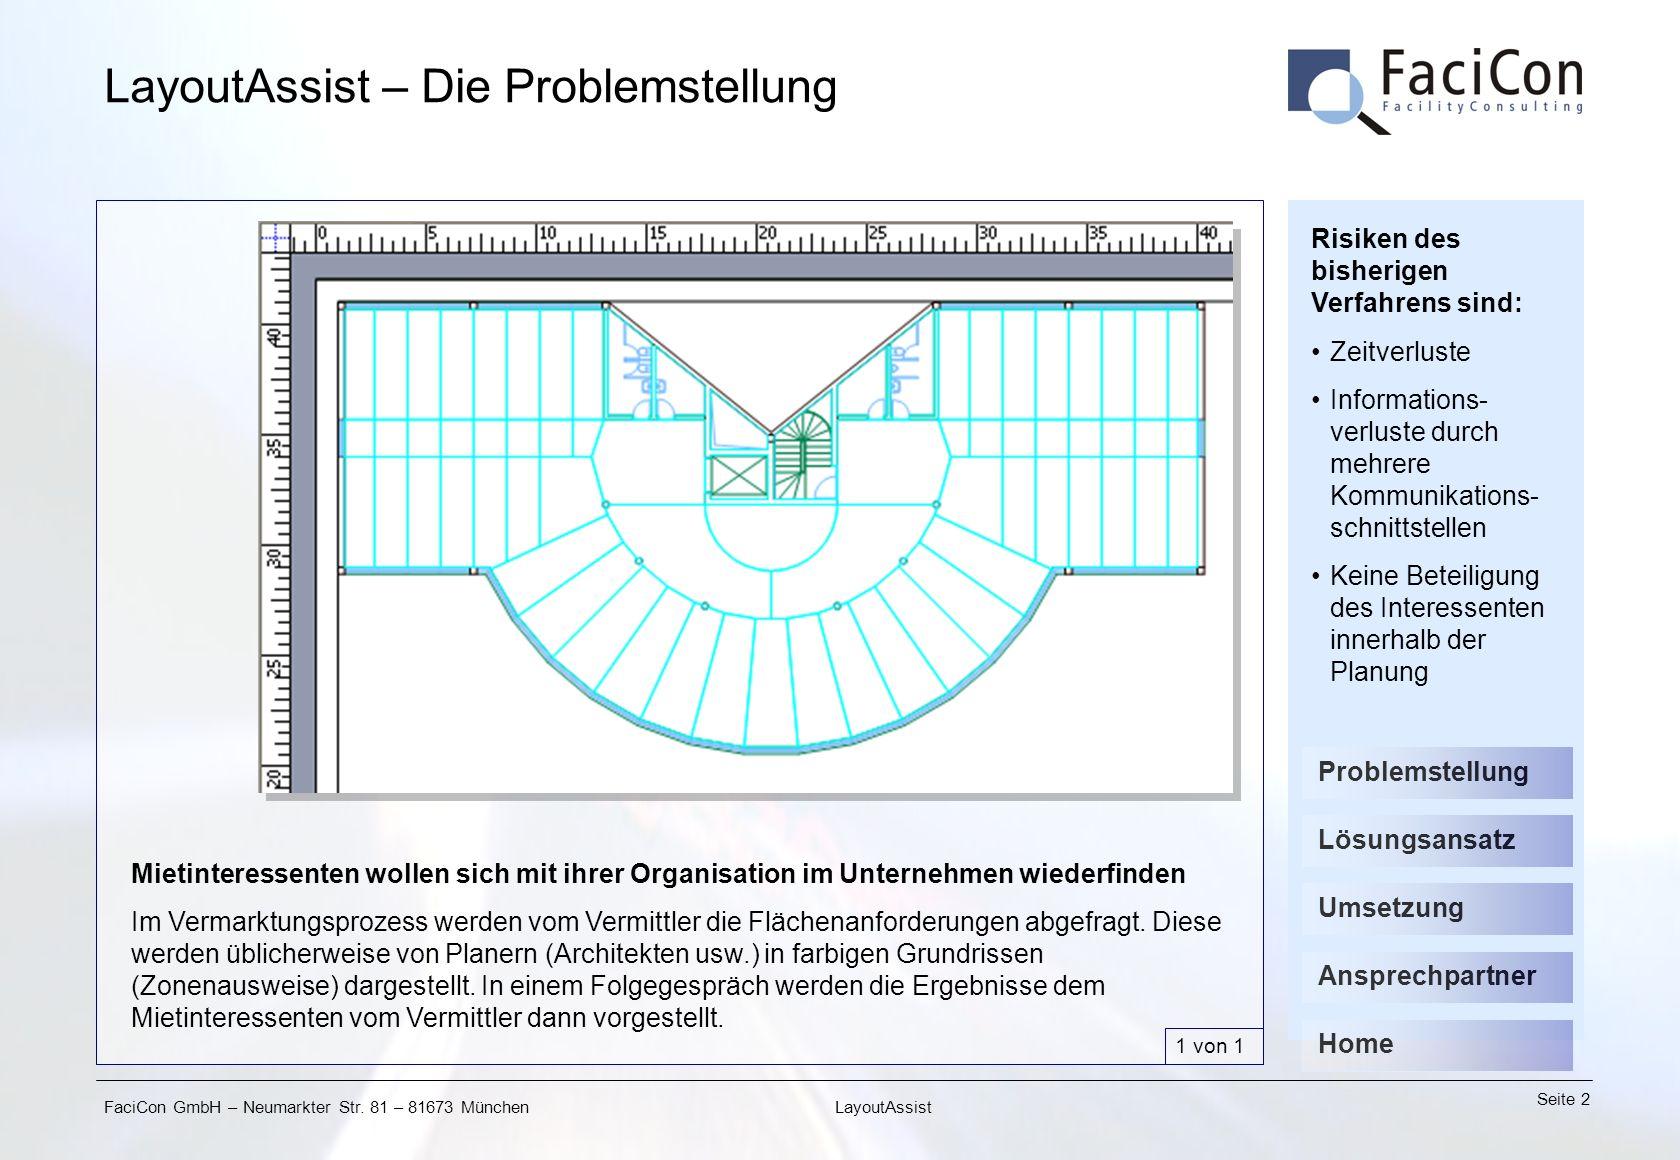 FaciCon GmbH – Neumarkter Str. 81 – 81673 München Seite 2 LayoutAssist LayoutAssist – Die Problemstellung Mietinteressenten wollen sich mit ihrer Orga